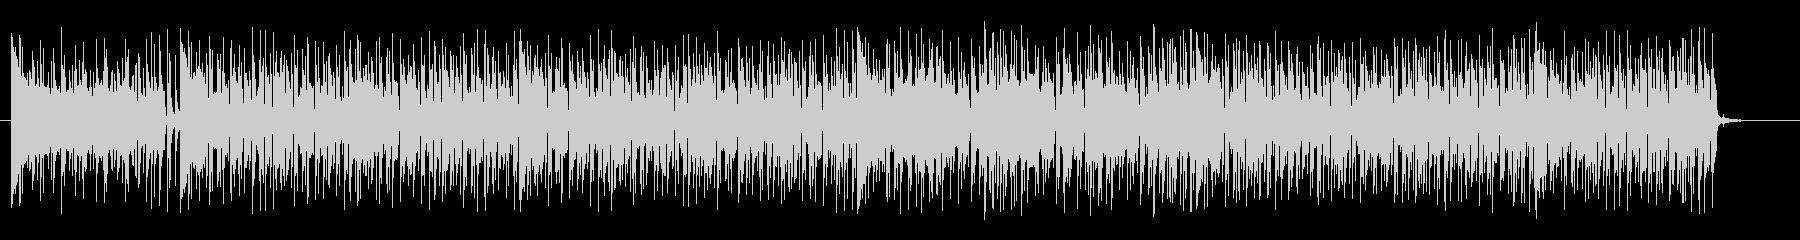 トロピカルで明るいシンセギターサウンドの未再生の波形